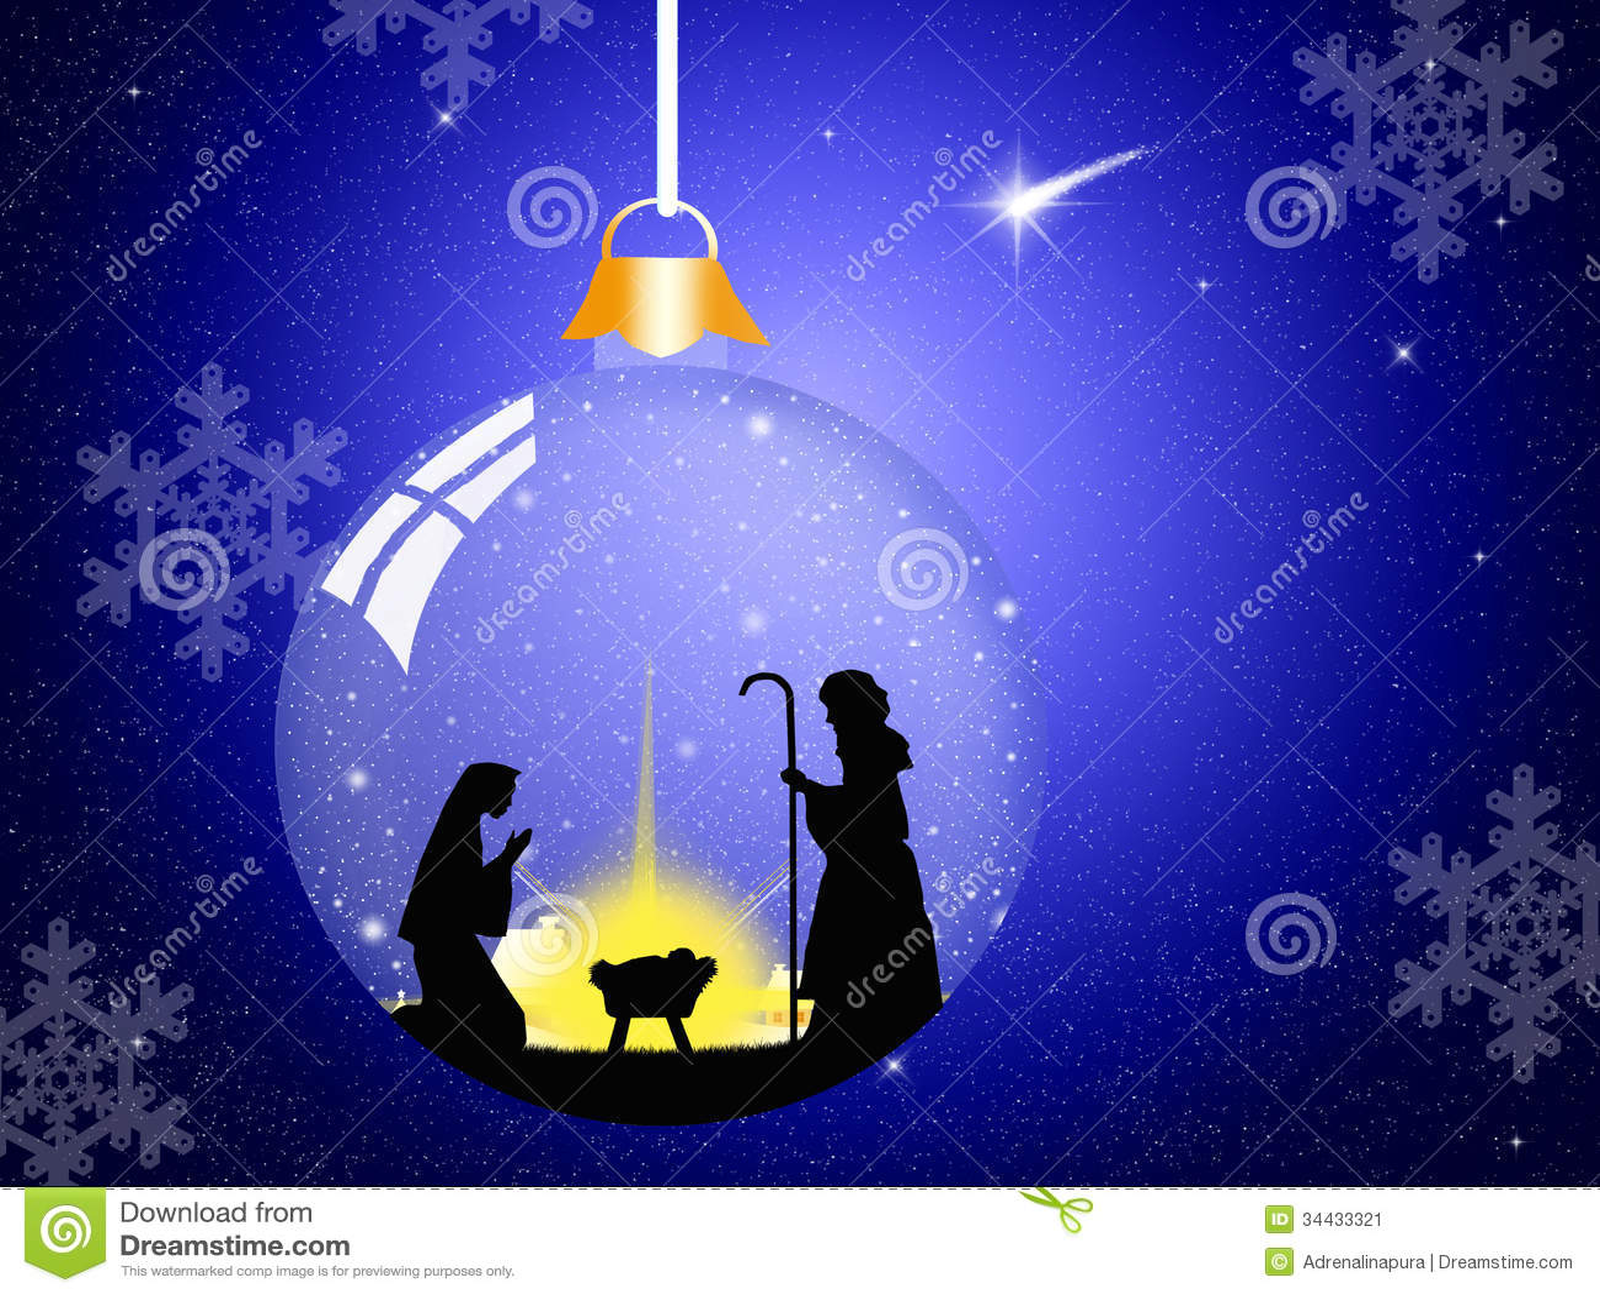 Weihnachtskrippe stock abbildung. Illustration von leuchte - 34433321